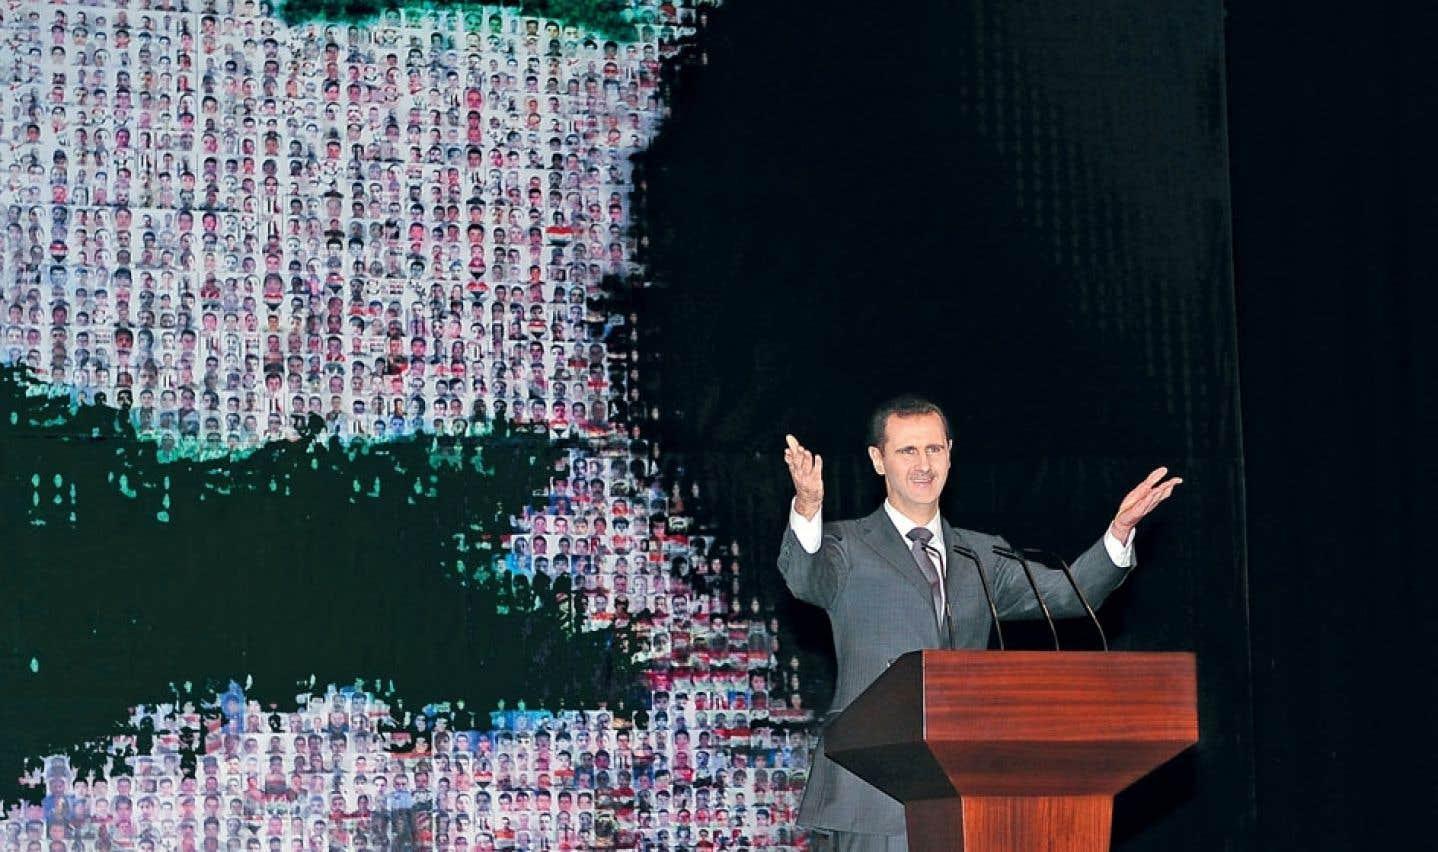 Syrie : discours martial d'un président sourd, aveugle et assiégé